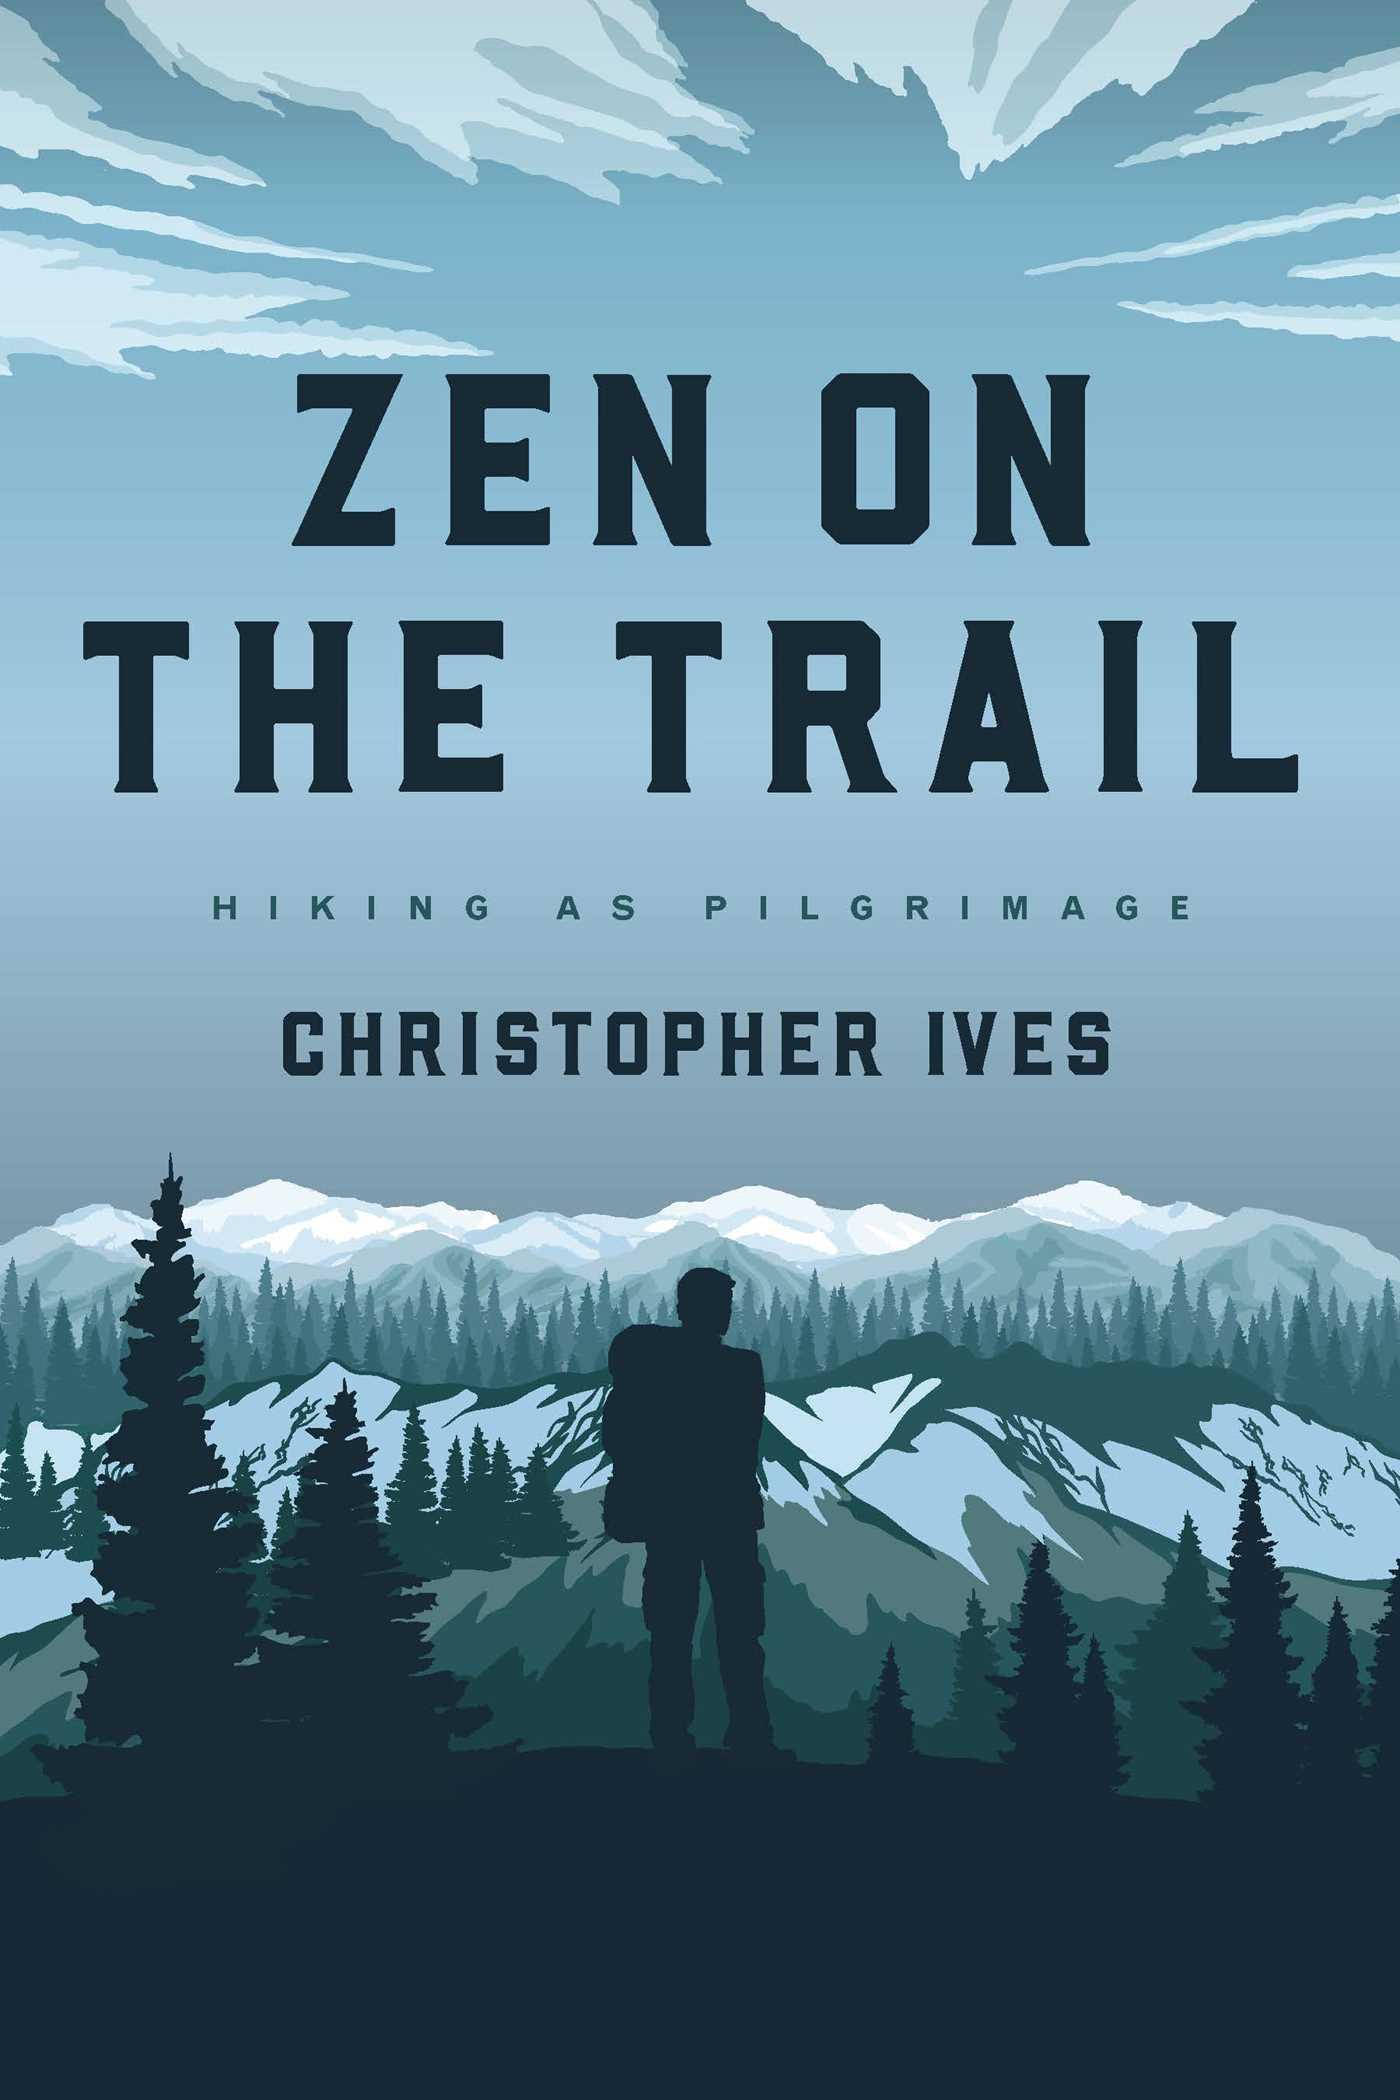 Zen on the trail 9781614294443 hr